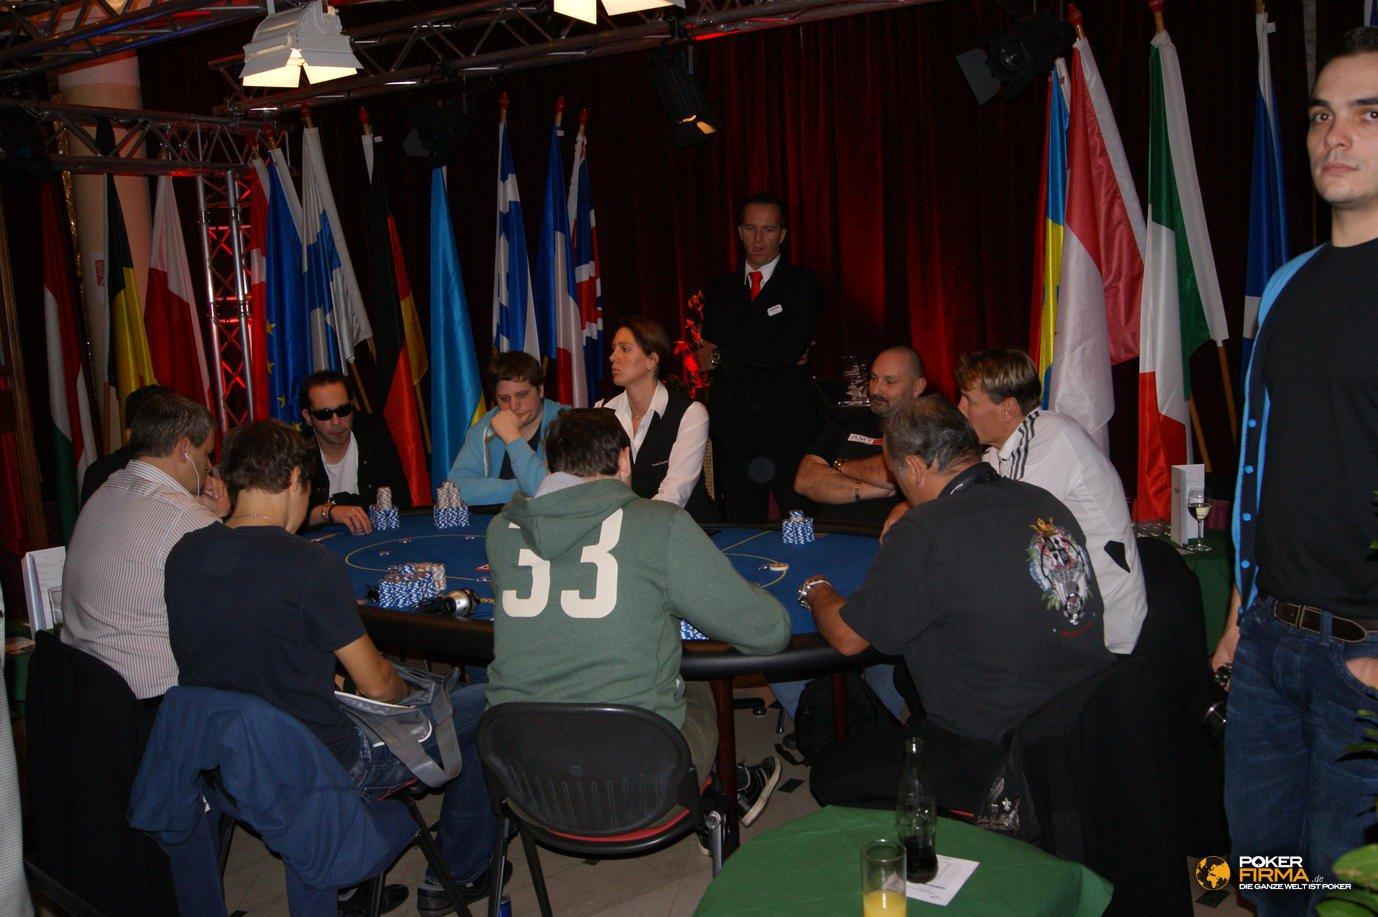 Poker_EM_2000_NLH_FT_271011_DSC03284